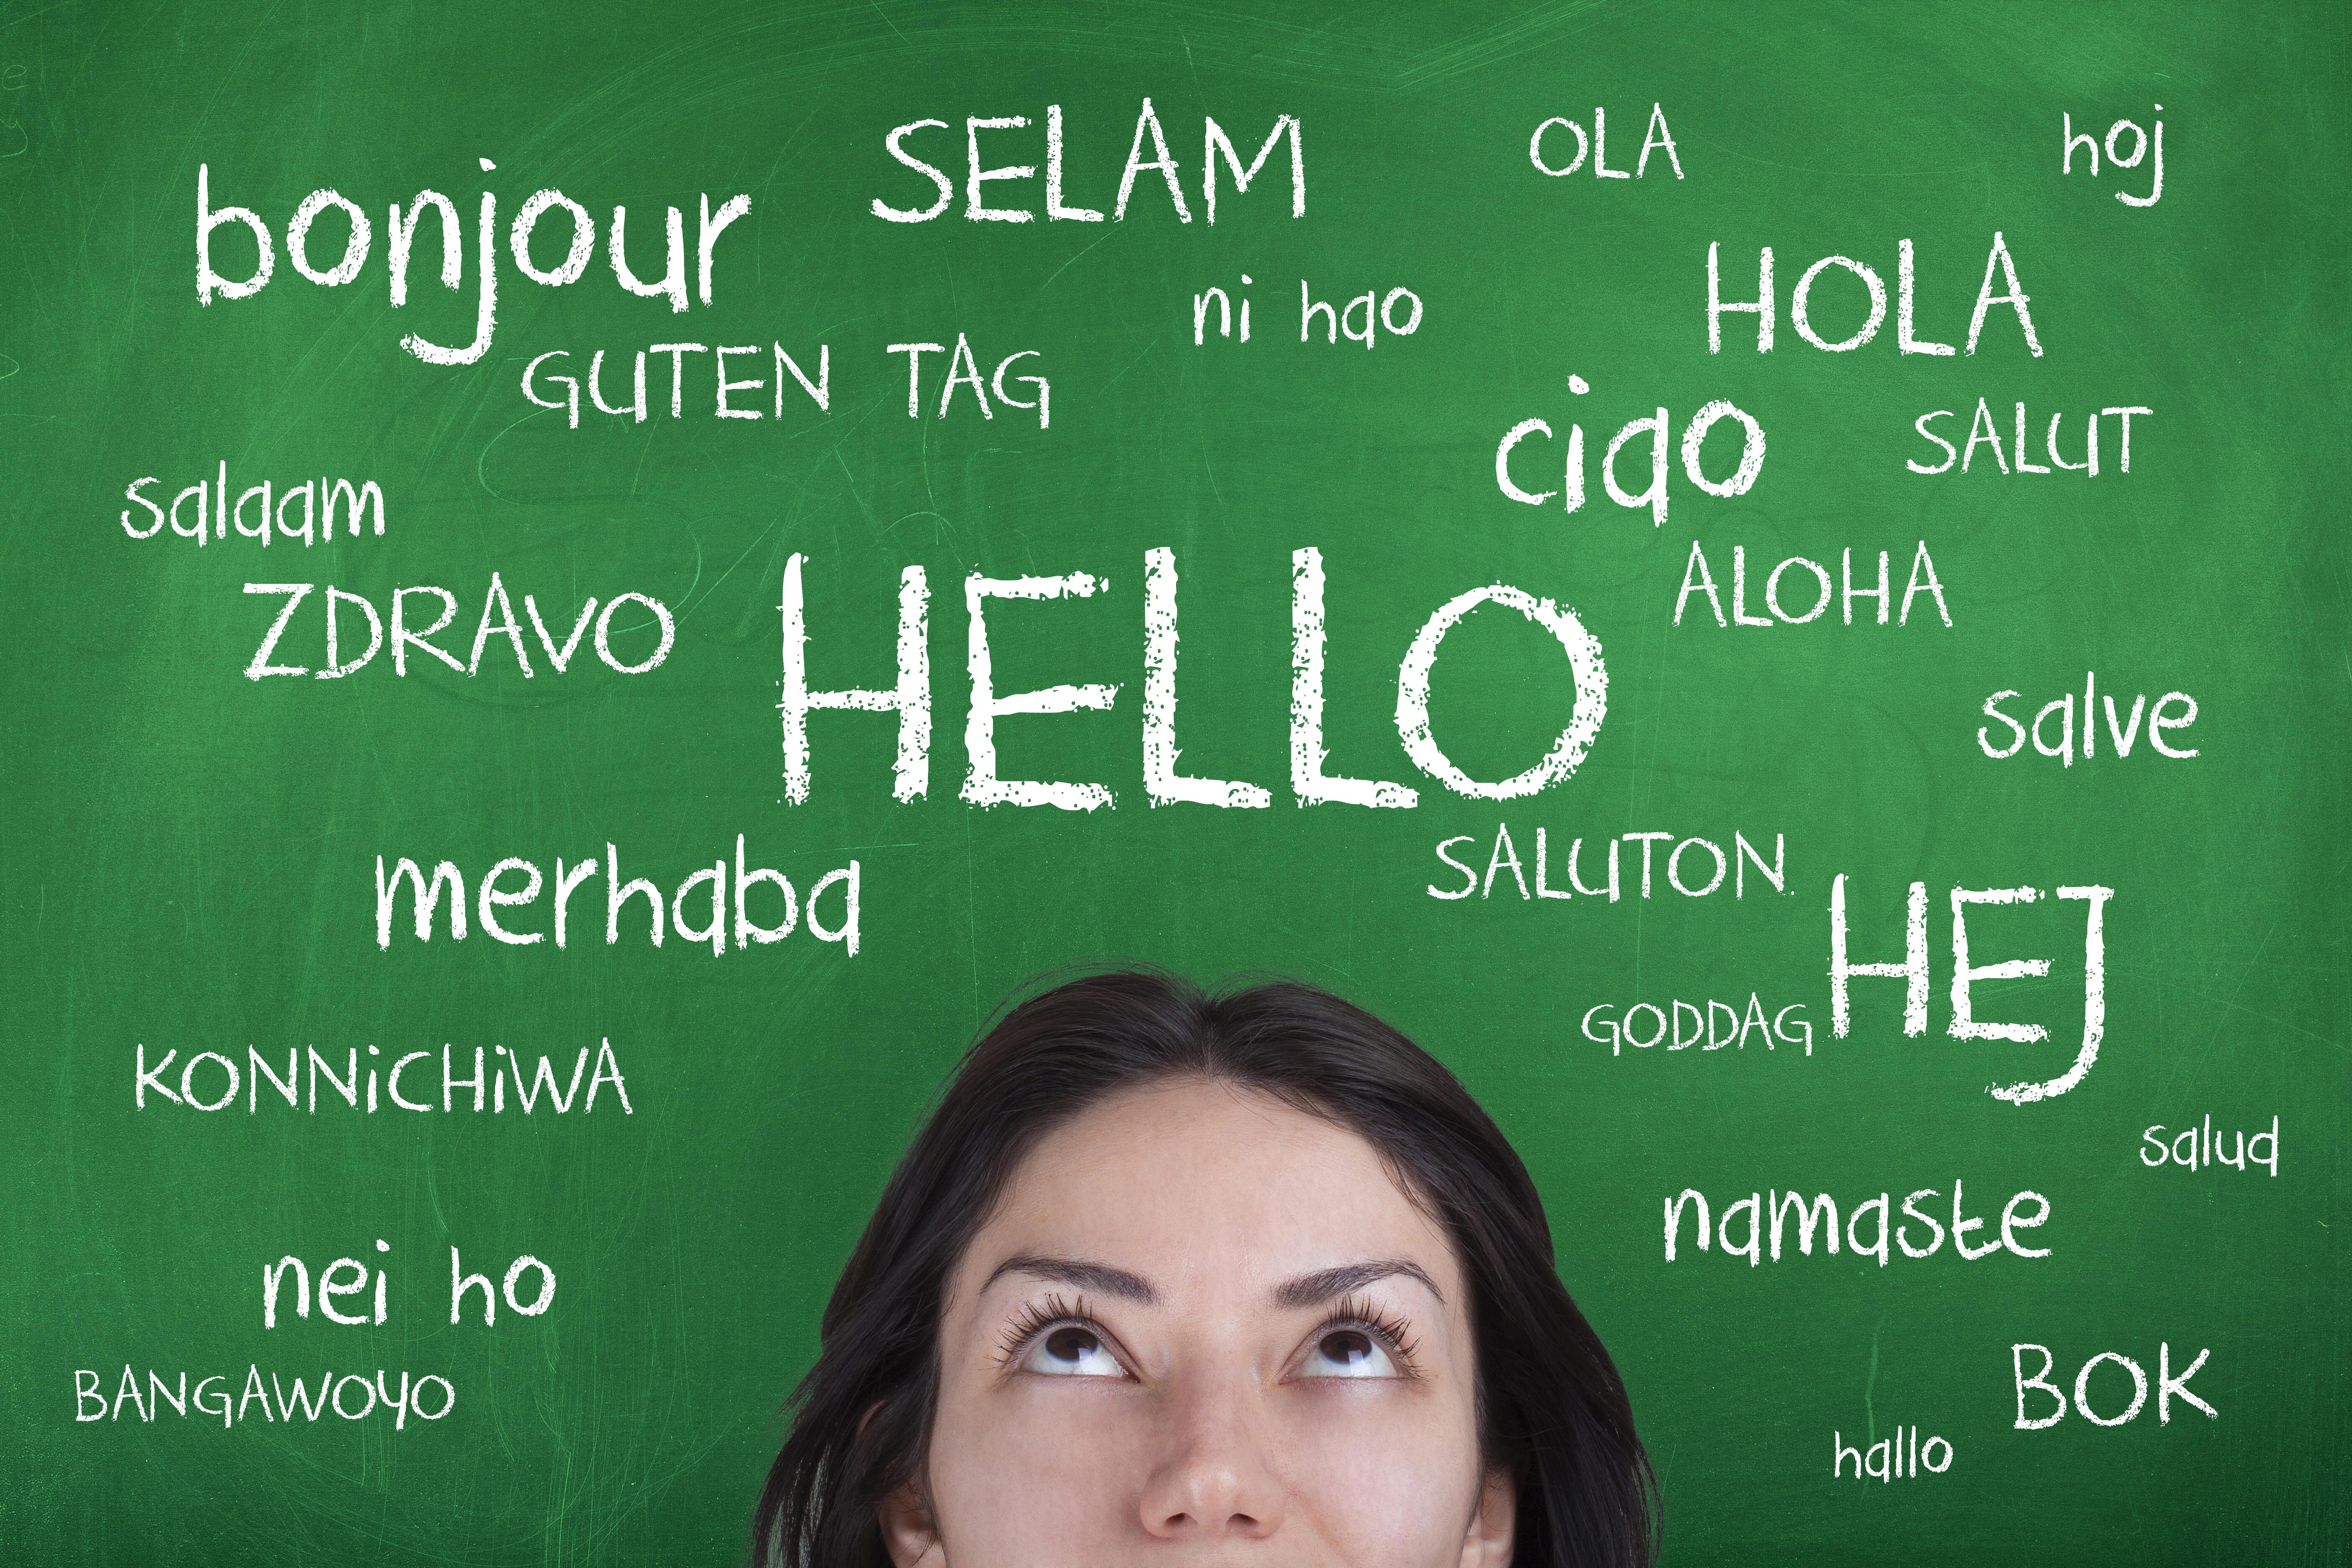 Imagem de uma mulher que fala vários idiomas para remeter ao empreendedor que deseja montar um serviço de tradução de textos